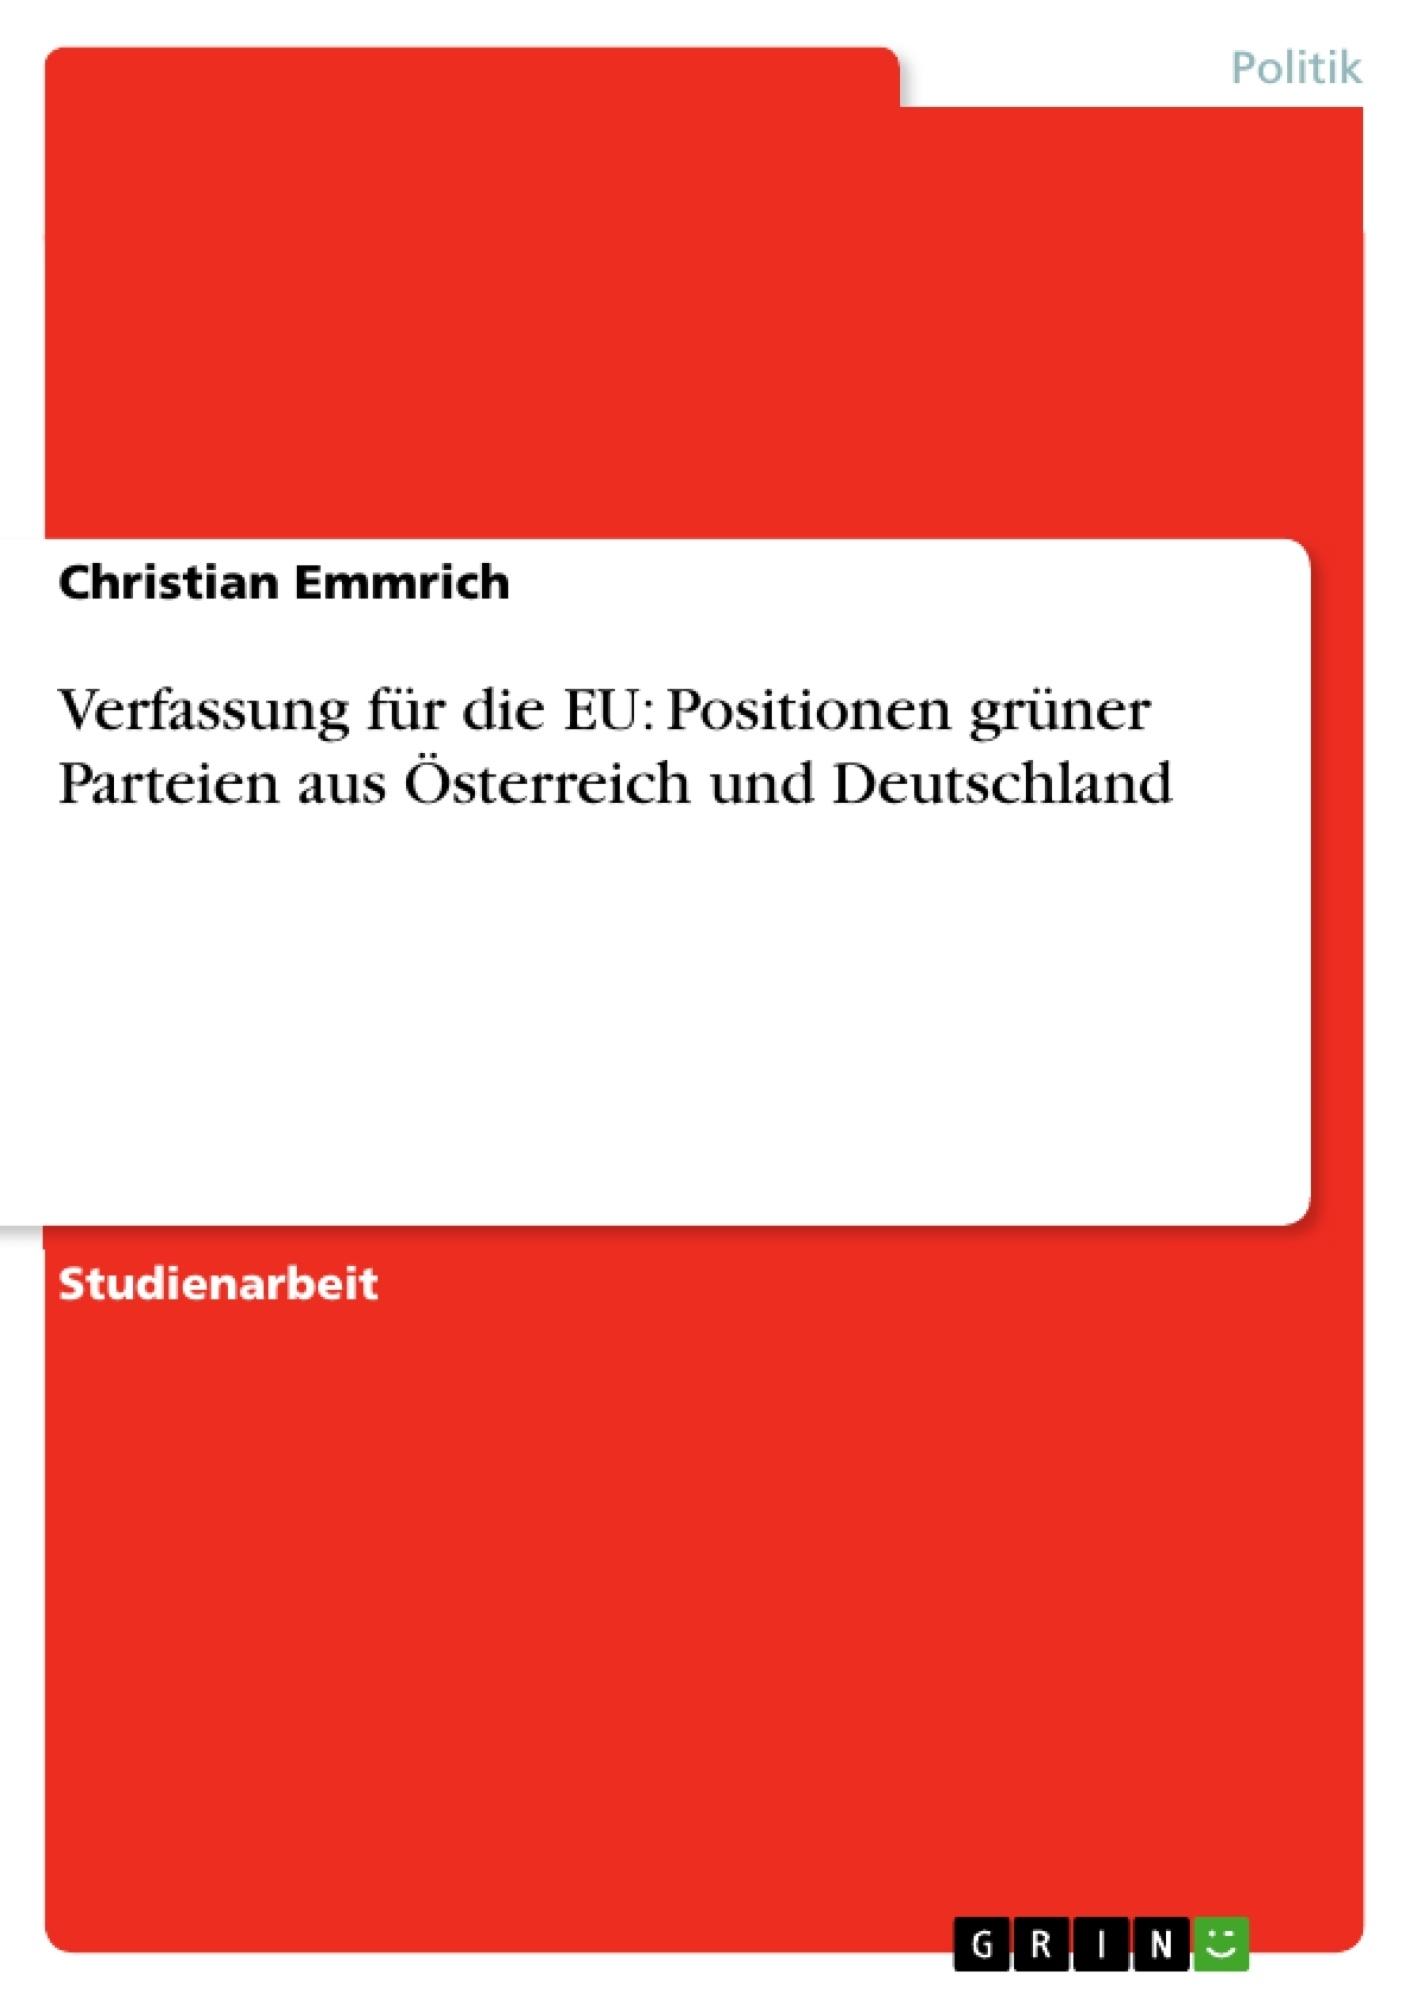 Titel: Verfassung für die EU: Positionen grüner Parteien aus Österreich und Deutschland